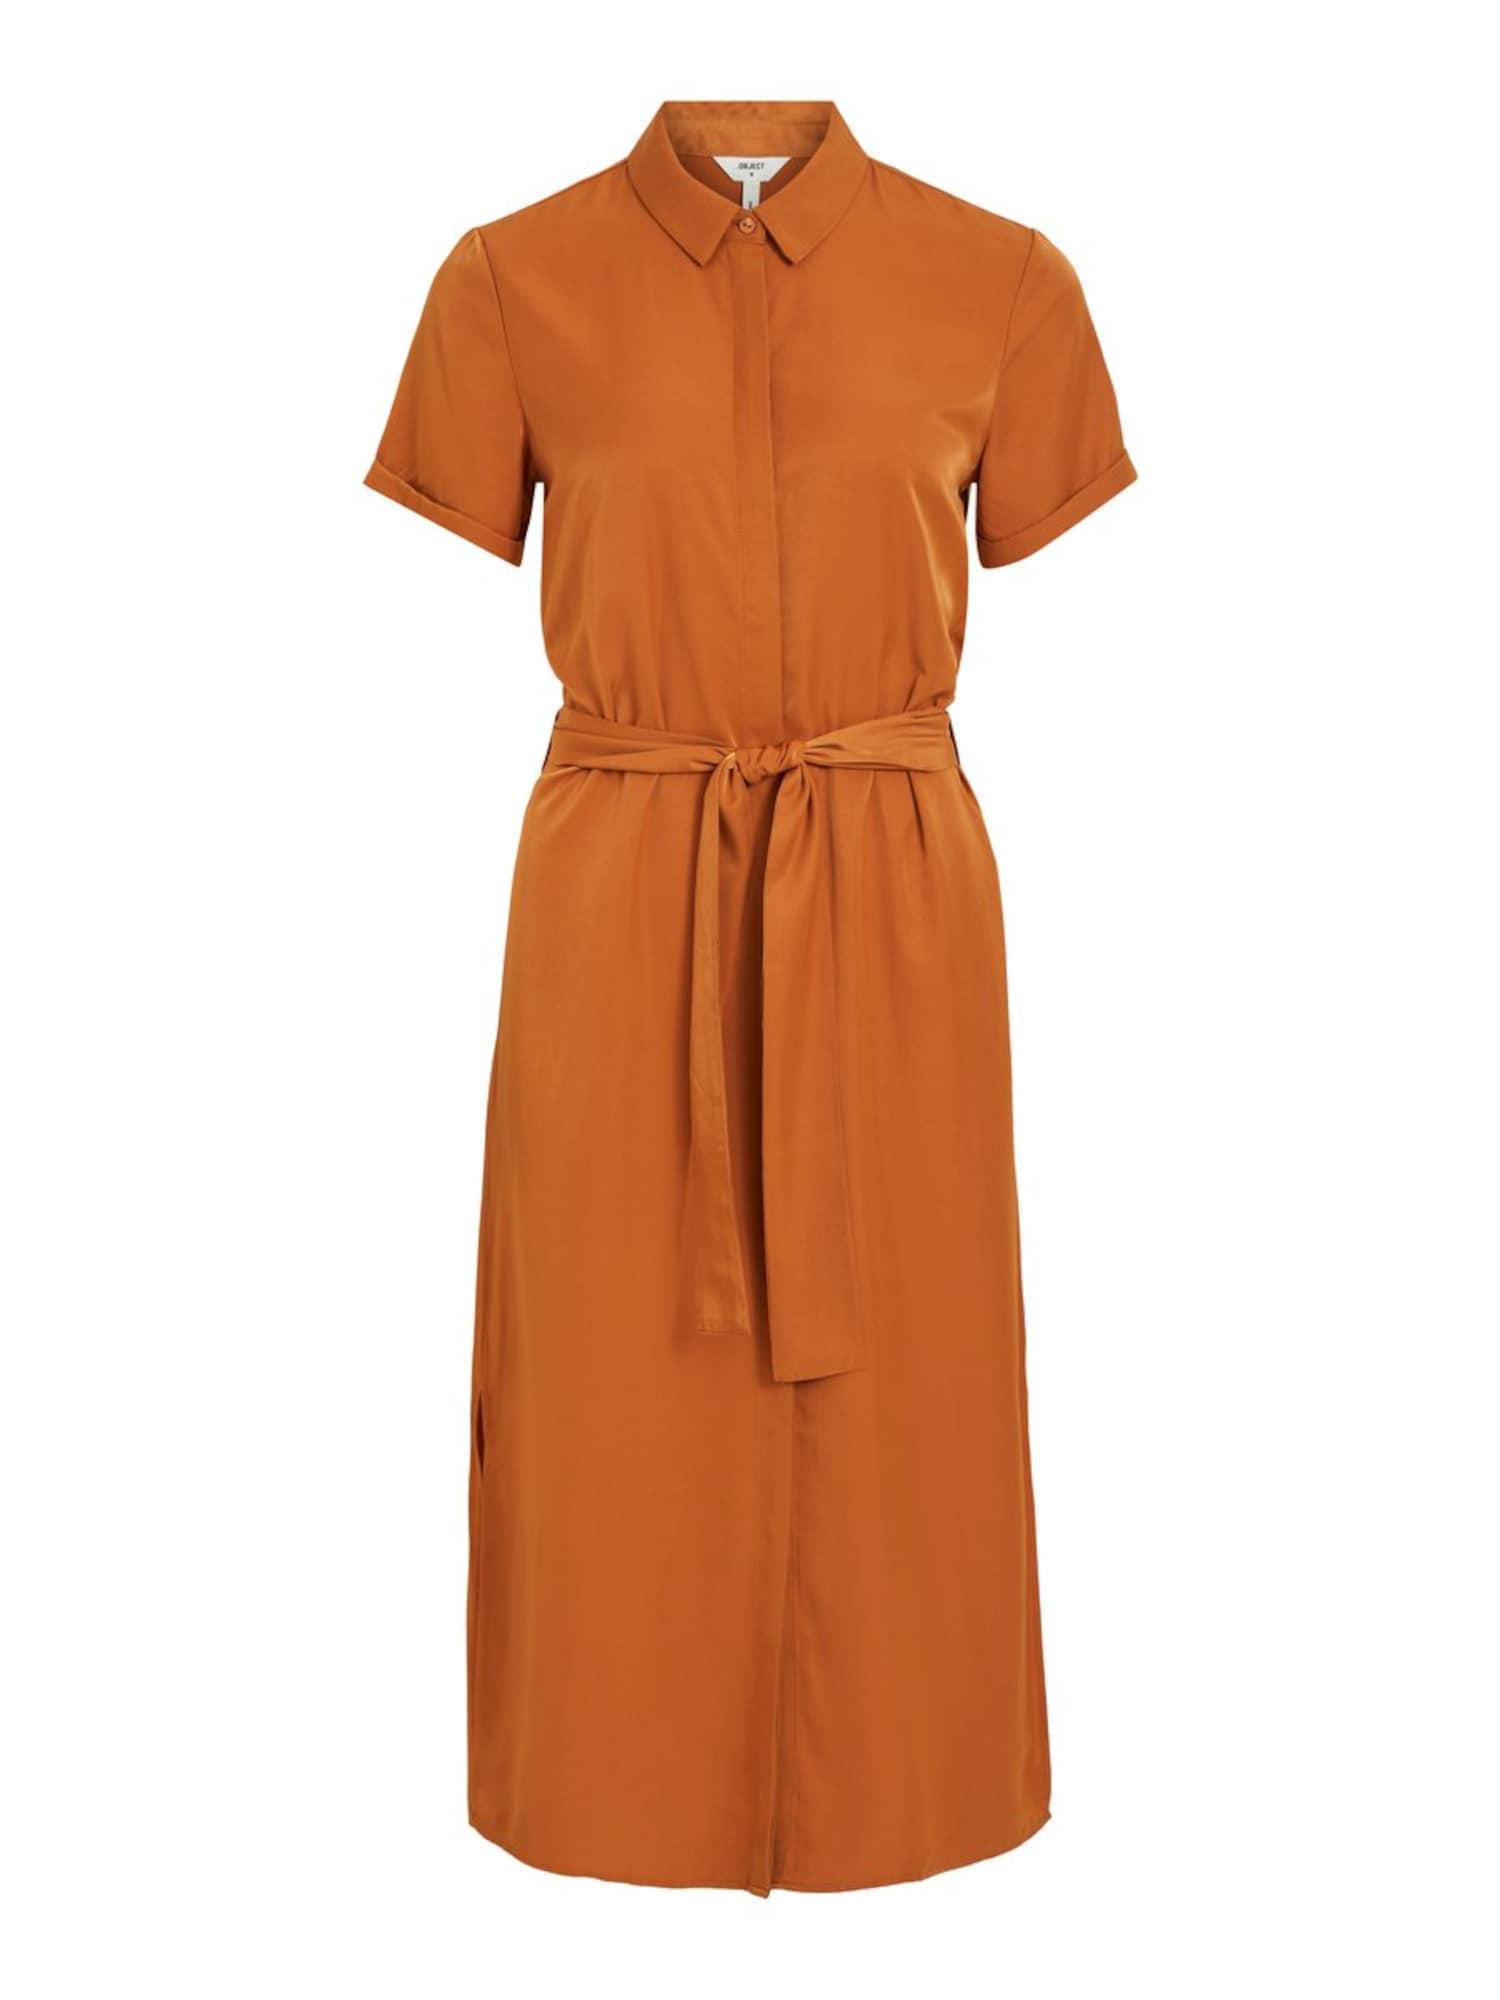 Blusenkleid | Bekleidung > Kleider > Blusenkleider | Object